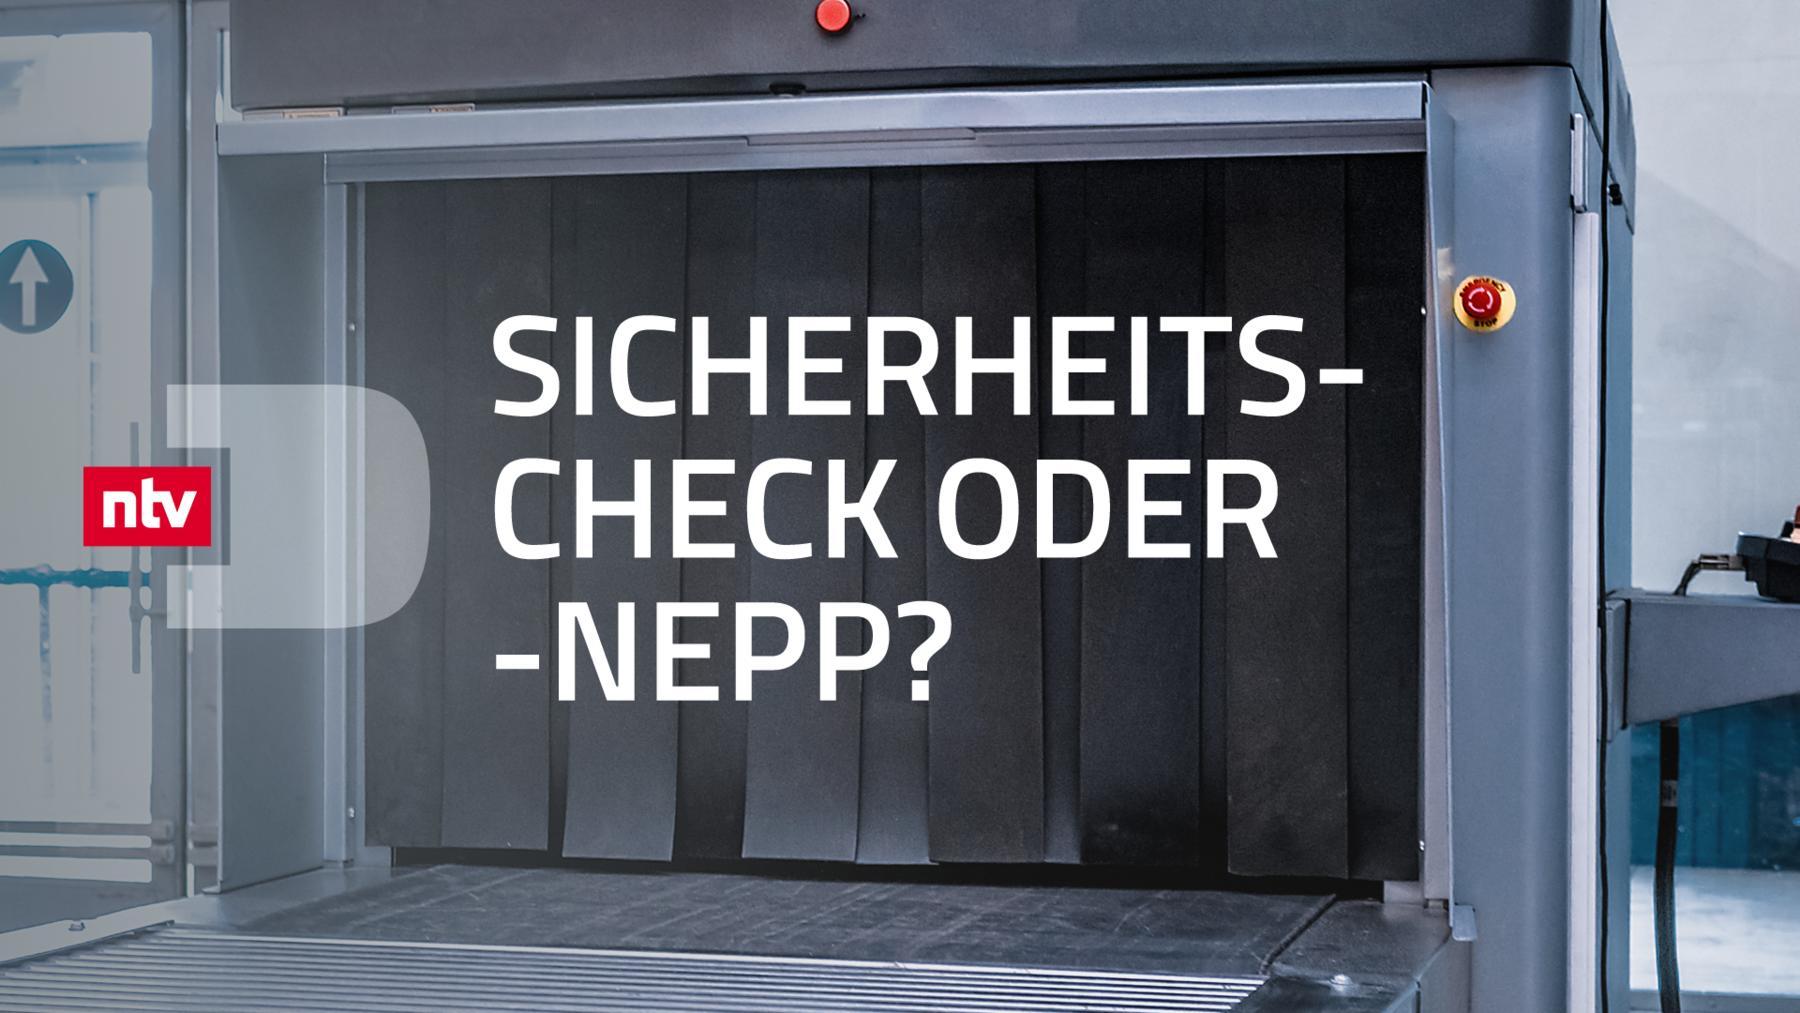 Sicherheitscheck oder Sicherheitsnepp?